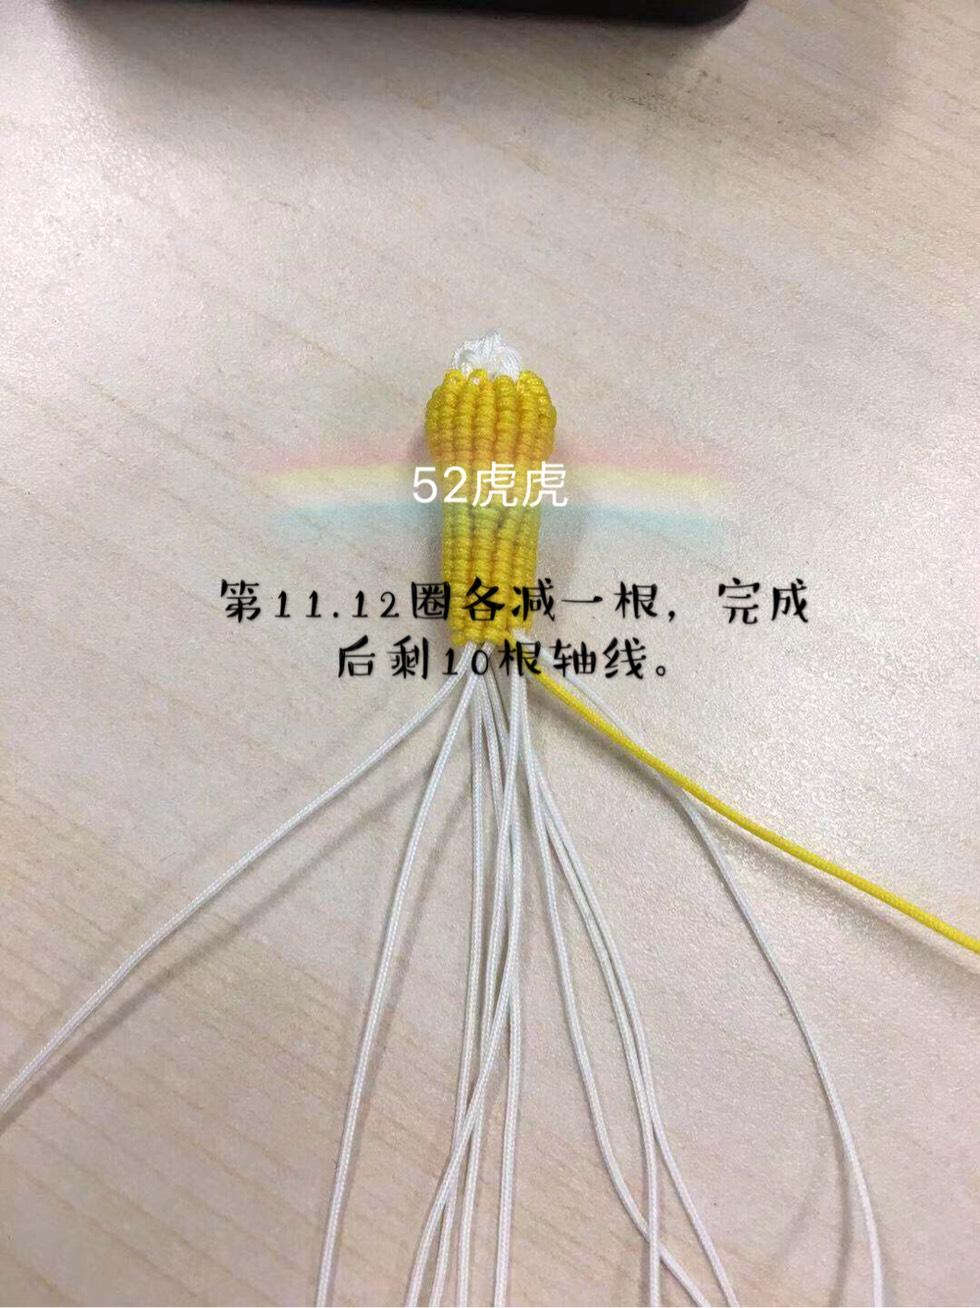 中国结论坛 小玉米 小玉米,玉米,迷你的小玉米叫什么,特别小的玉米叫什么,袖珍小玉米 图文教程区 130355c642vpay6zibn02o